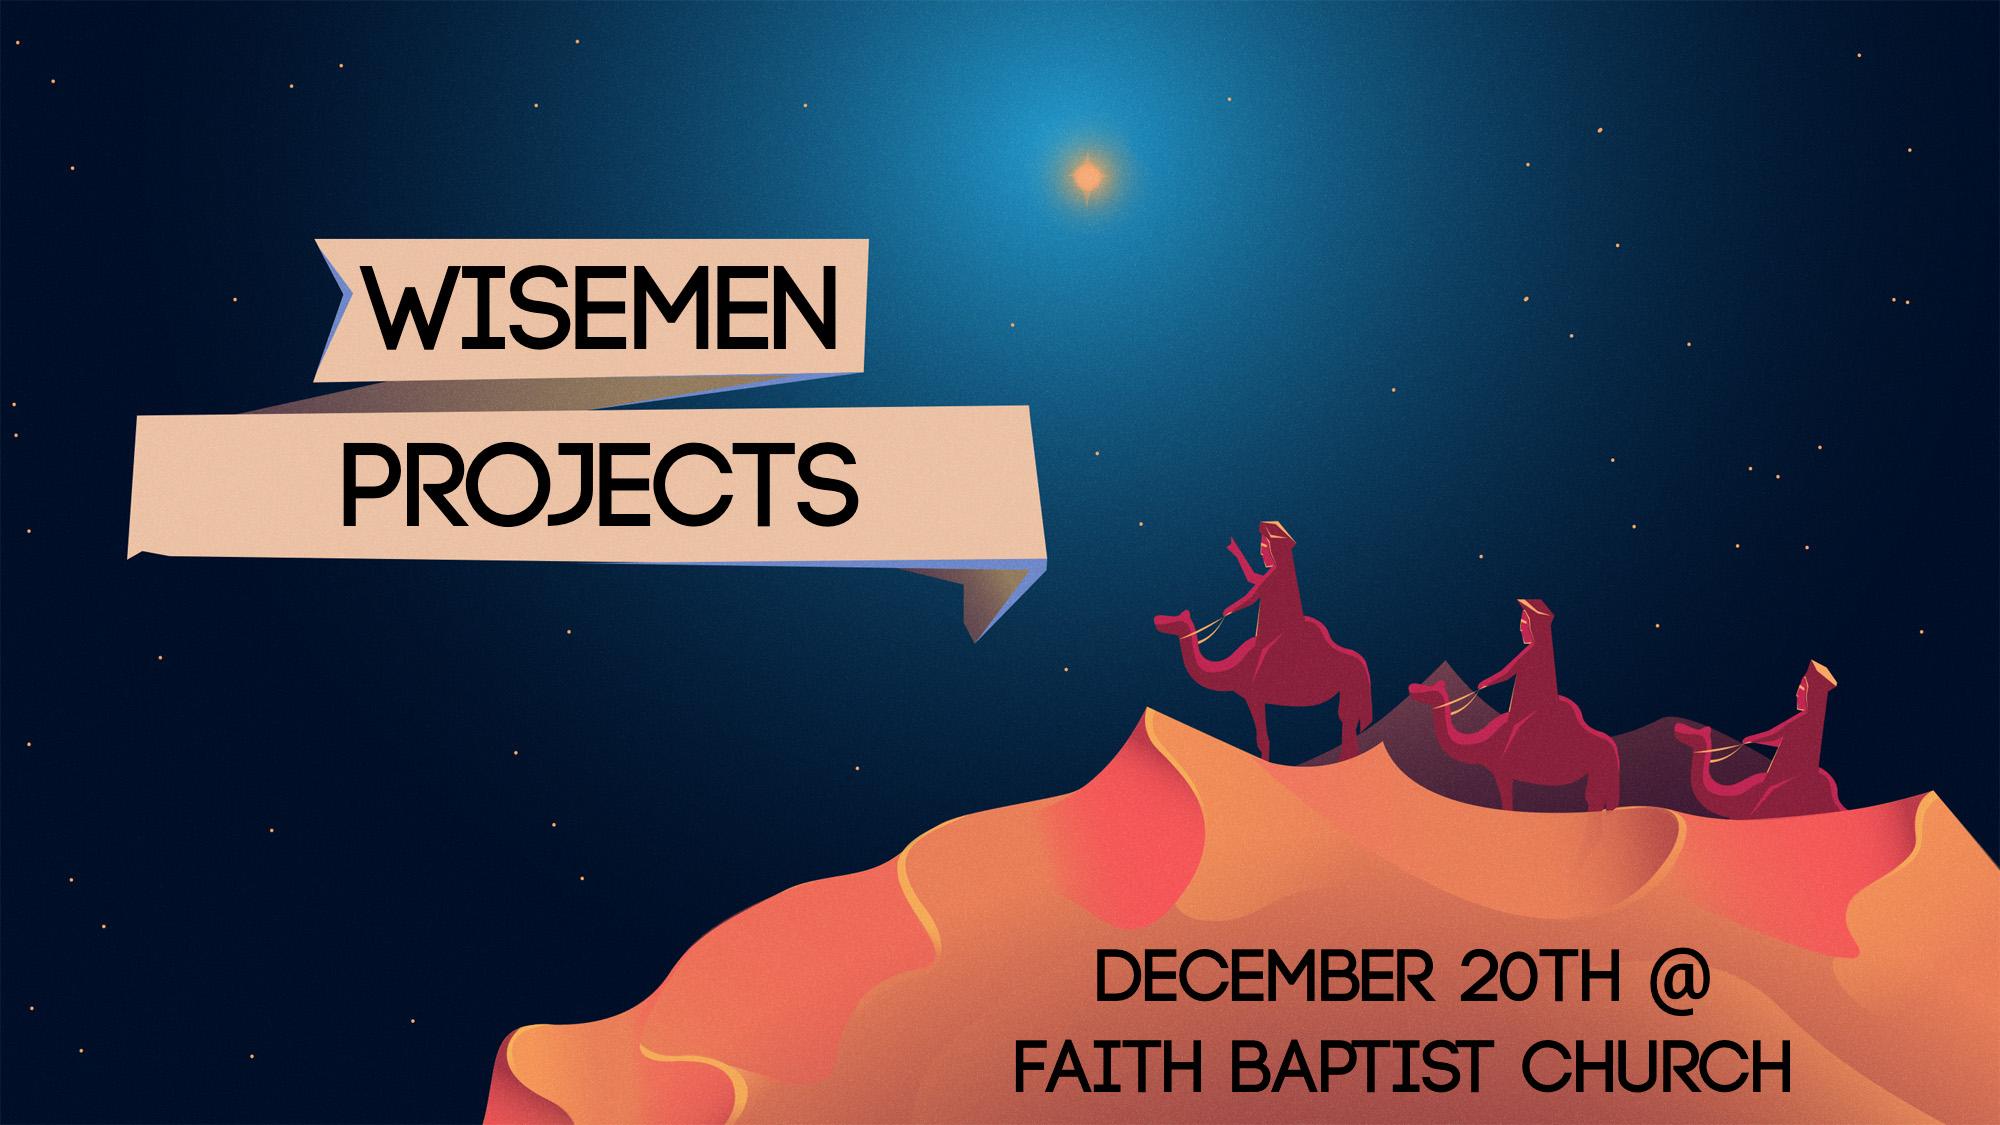 Wisemen Projects.jpg